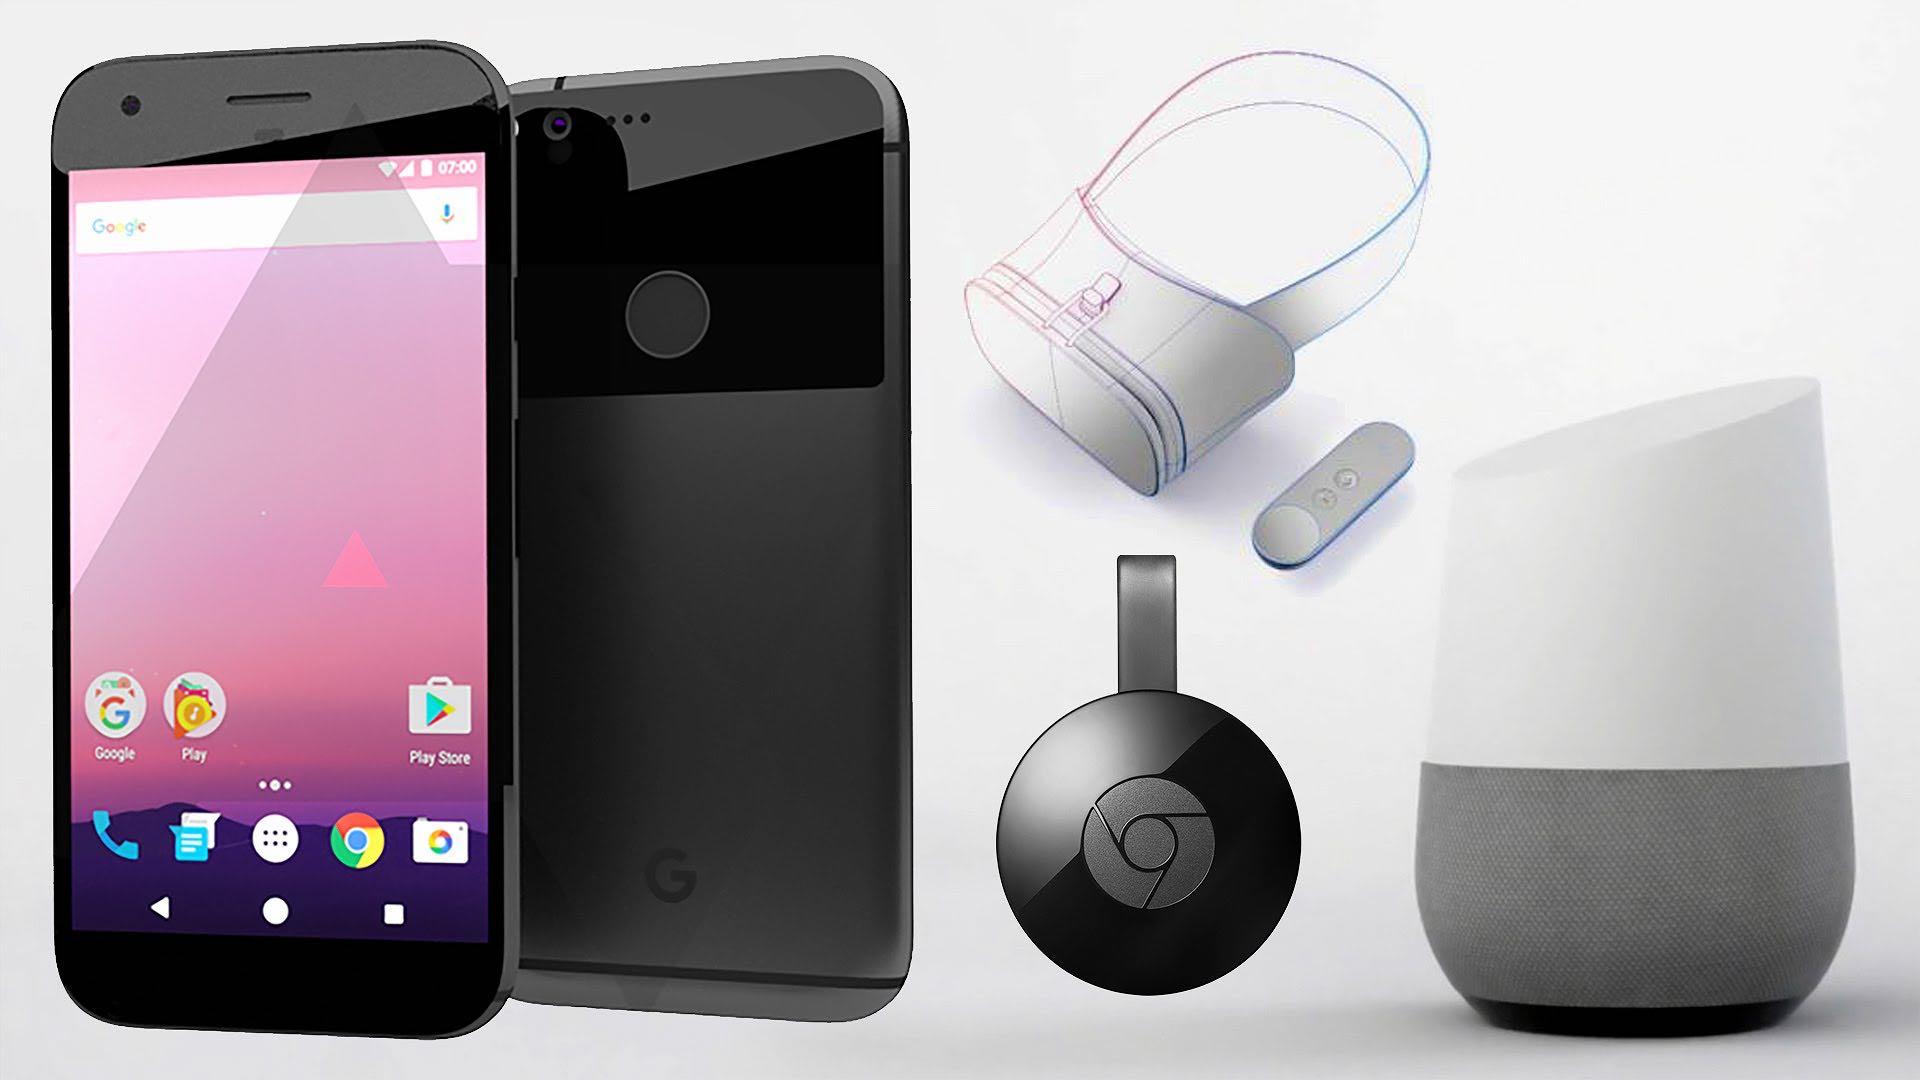 Google Pixel Pixel XL review